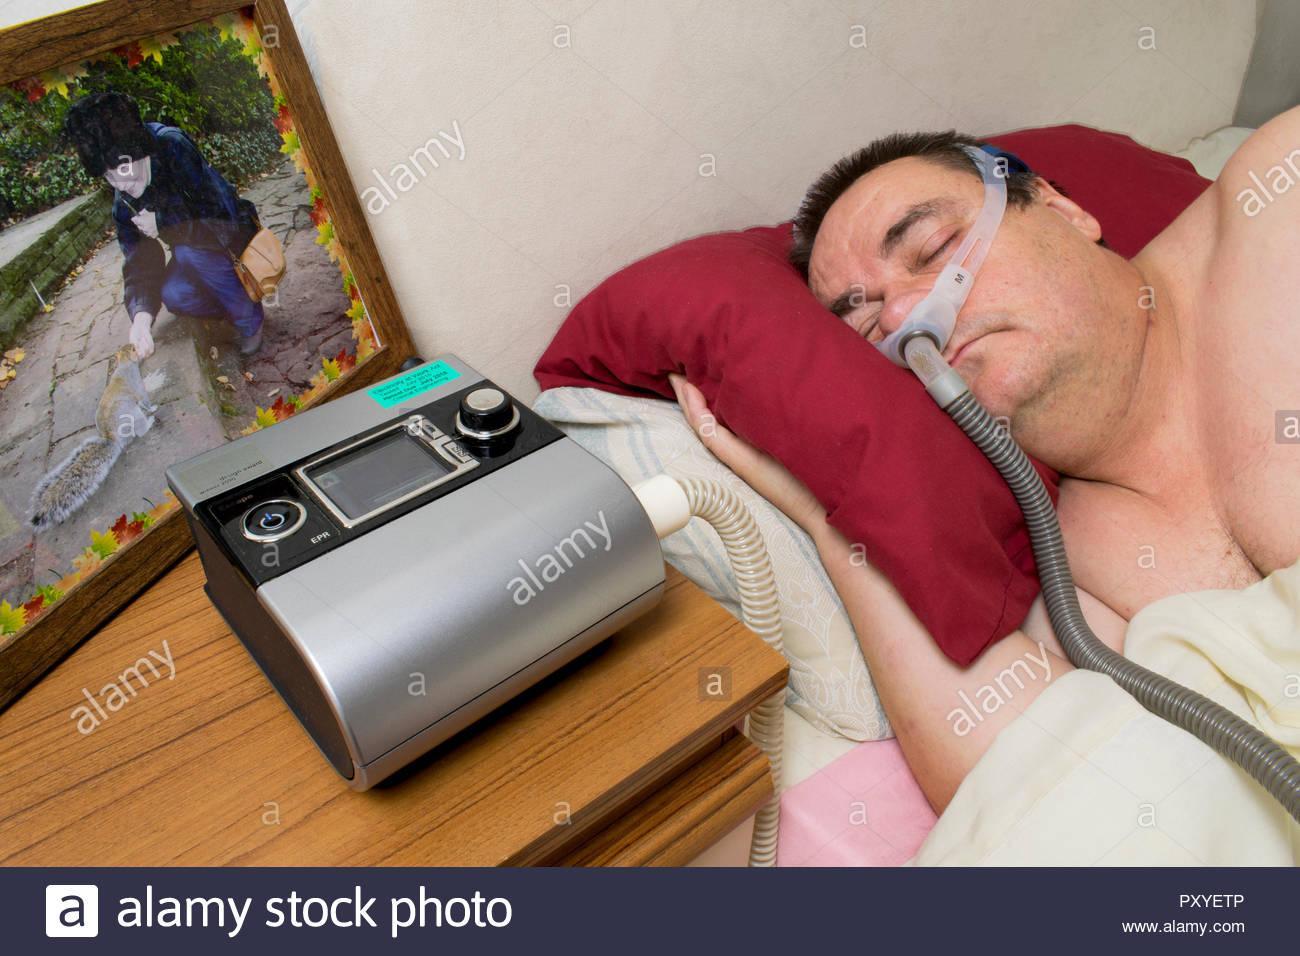 Uomo con CPAP Macchina e dormire maschera per il trattamento di apnea nel sonno Immagini Stock